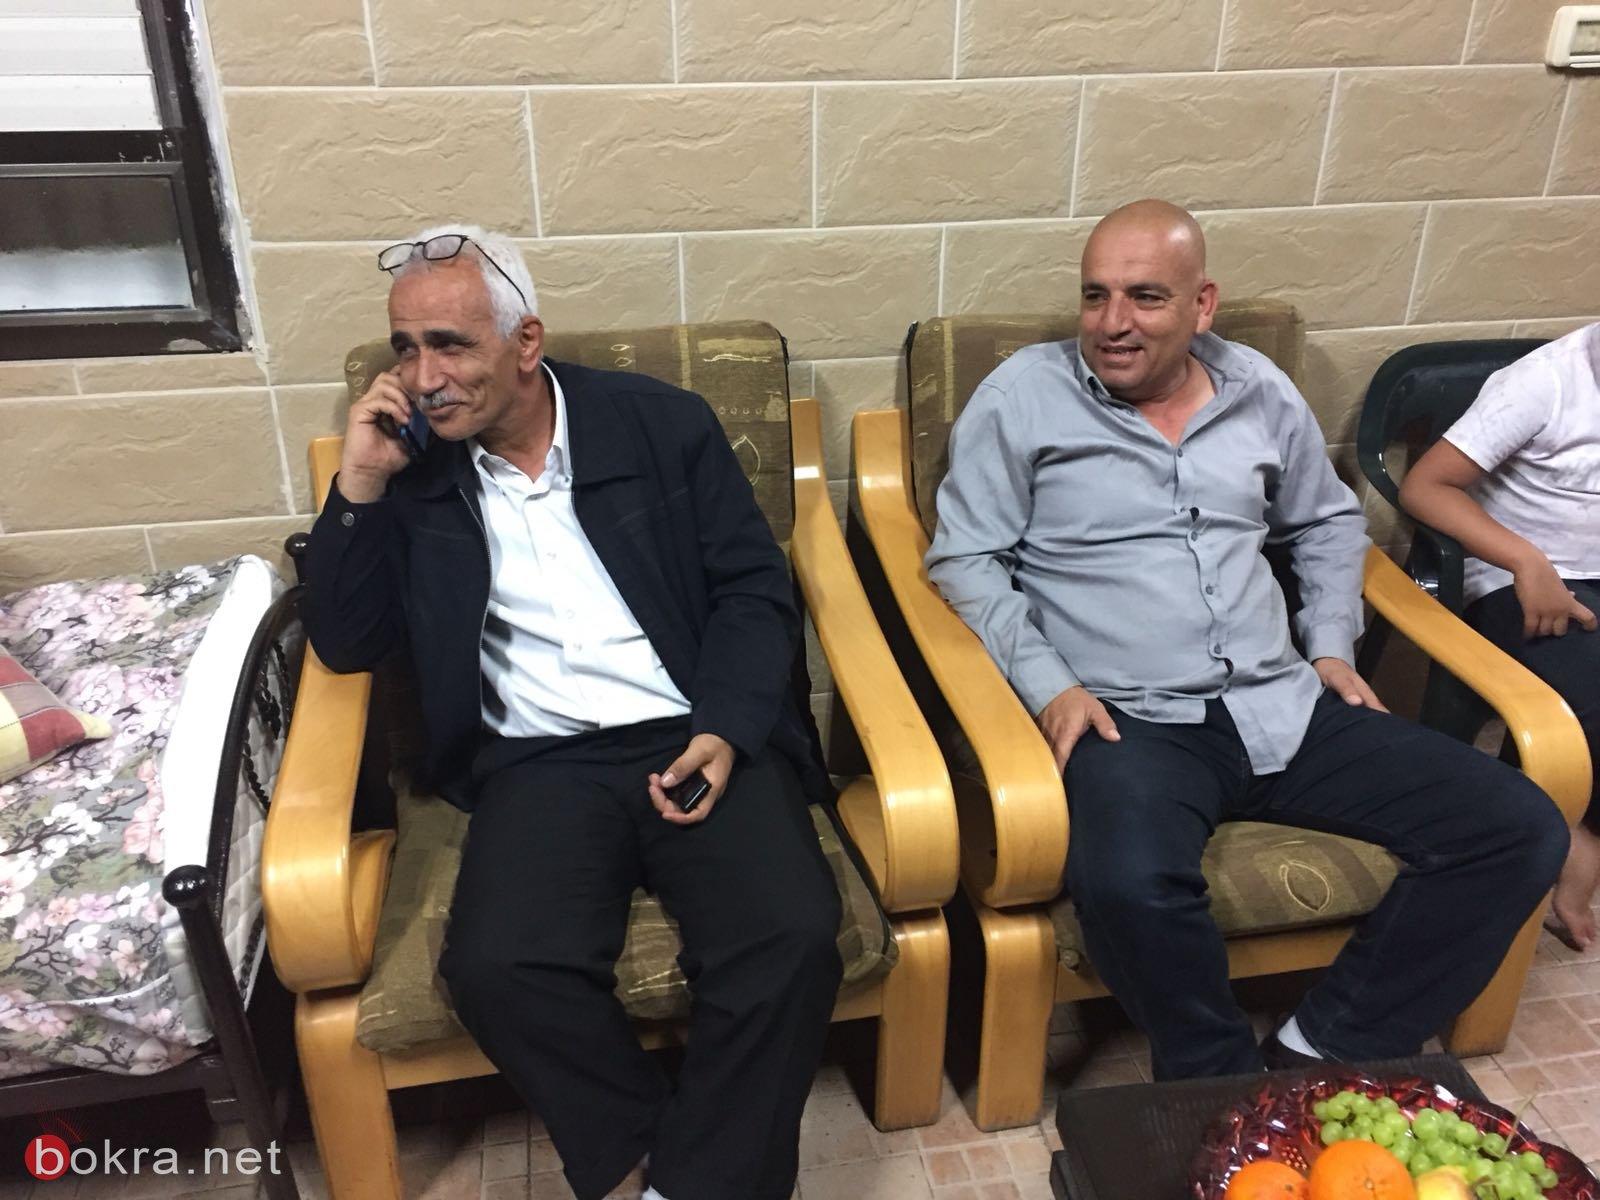 بئر المكسور: اعلان اضراب لمدة ساعتين اثر اعتداء على معلم